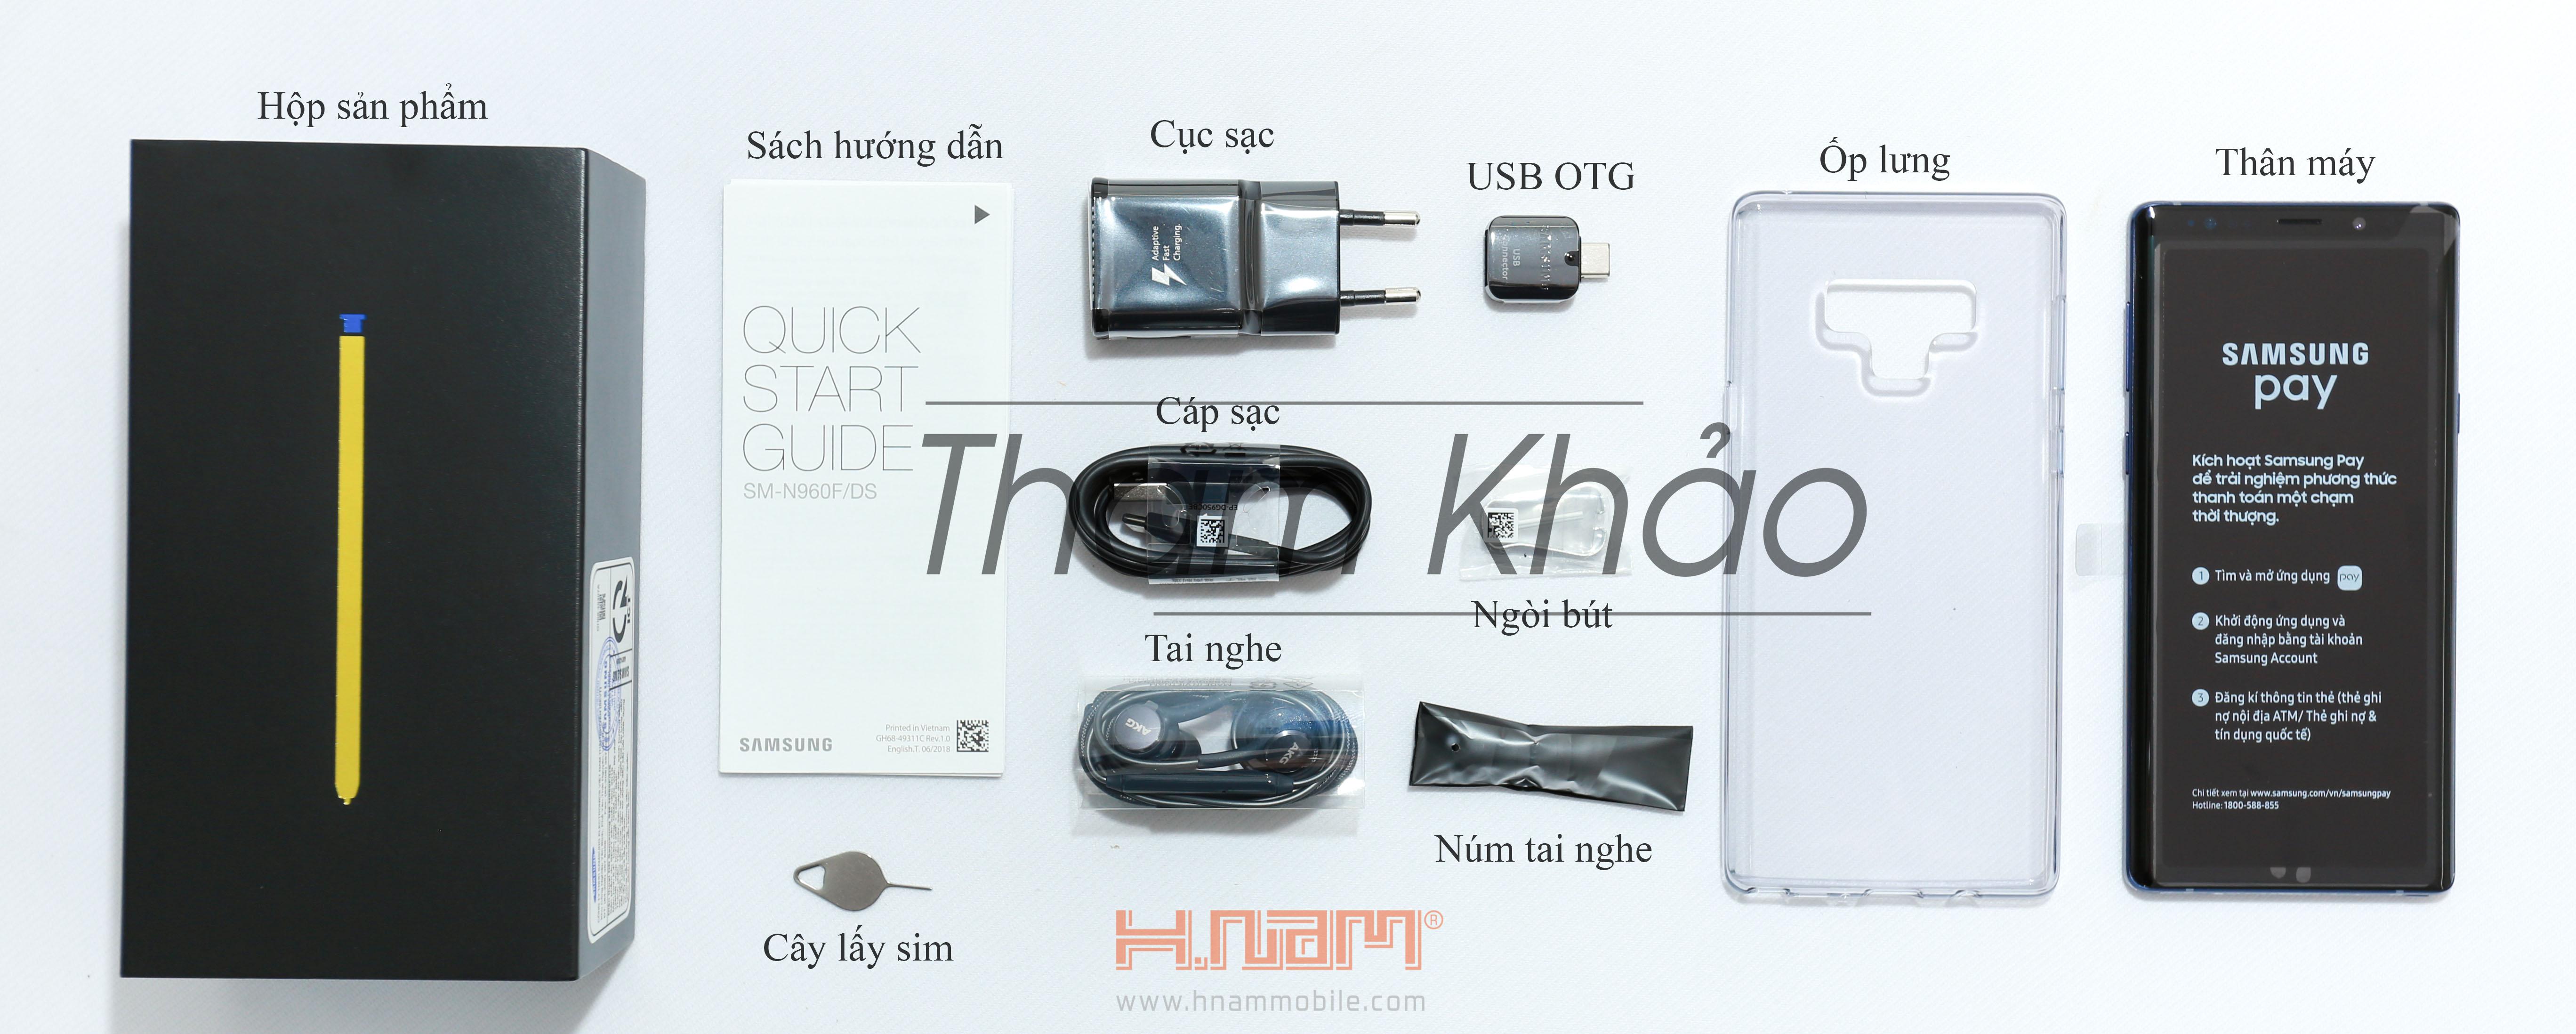 Samsung galaxy Note 9 128Gb Mỹ ( 191 Khánh Hội ) hình sản phẩm 0